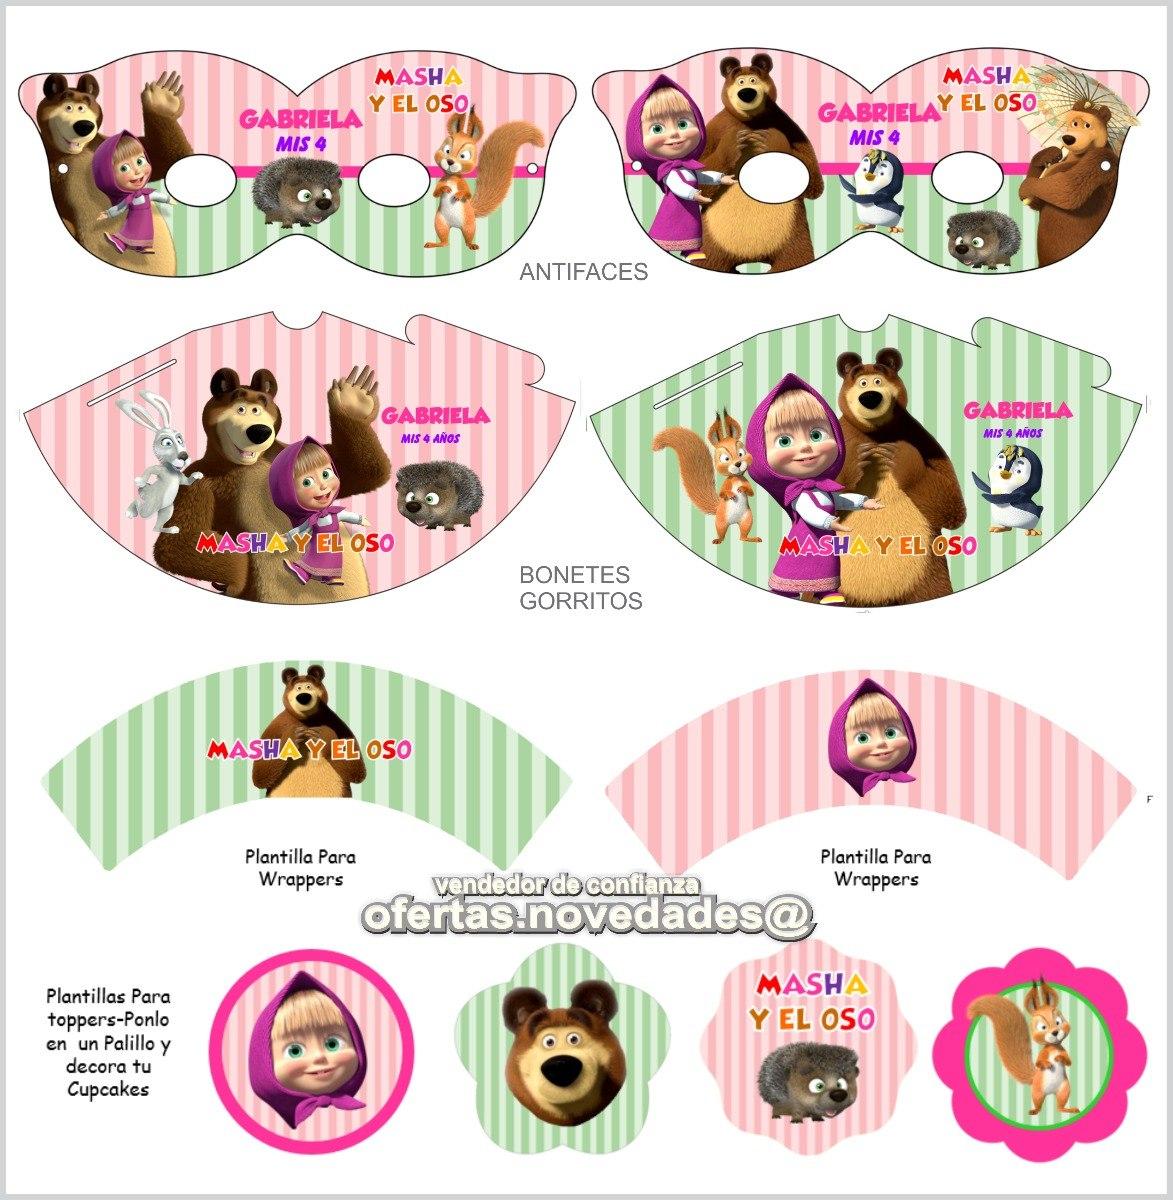 kit imprimible promo 3x1 masha y el oso invitaciones